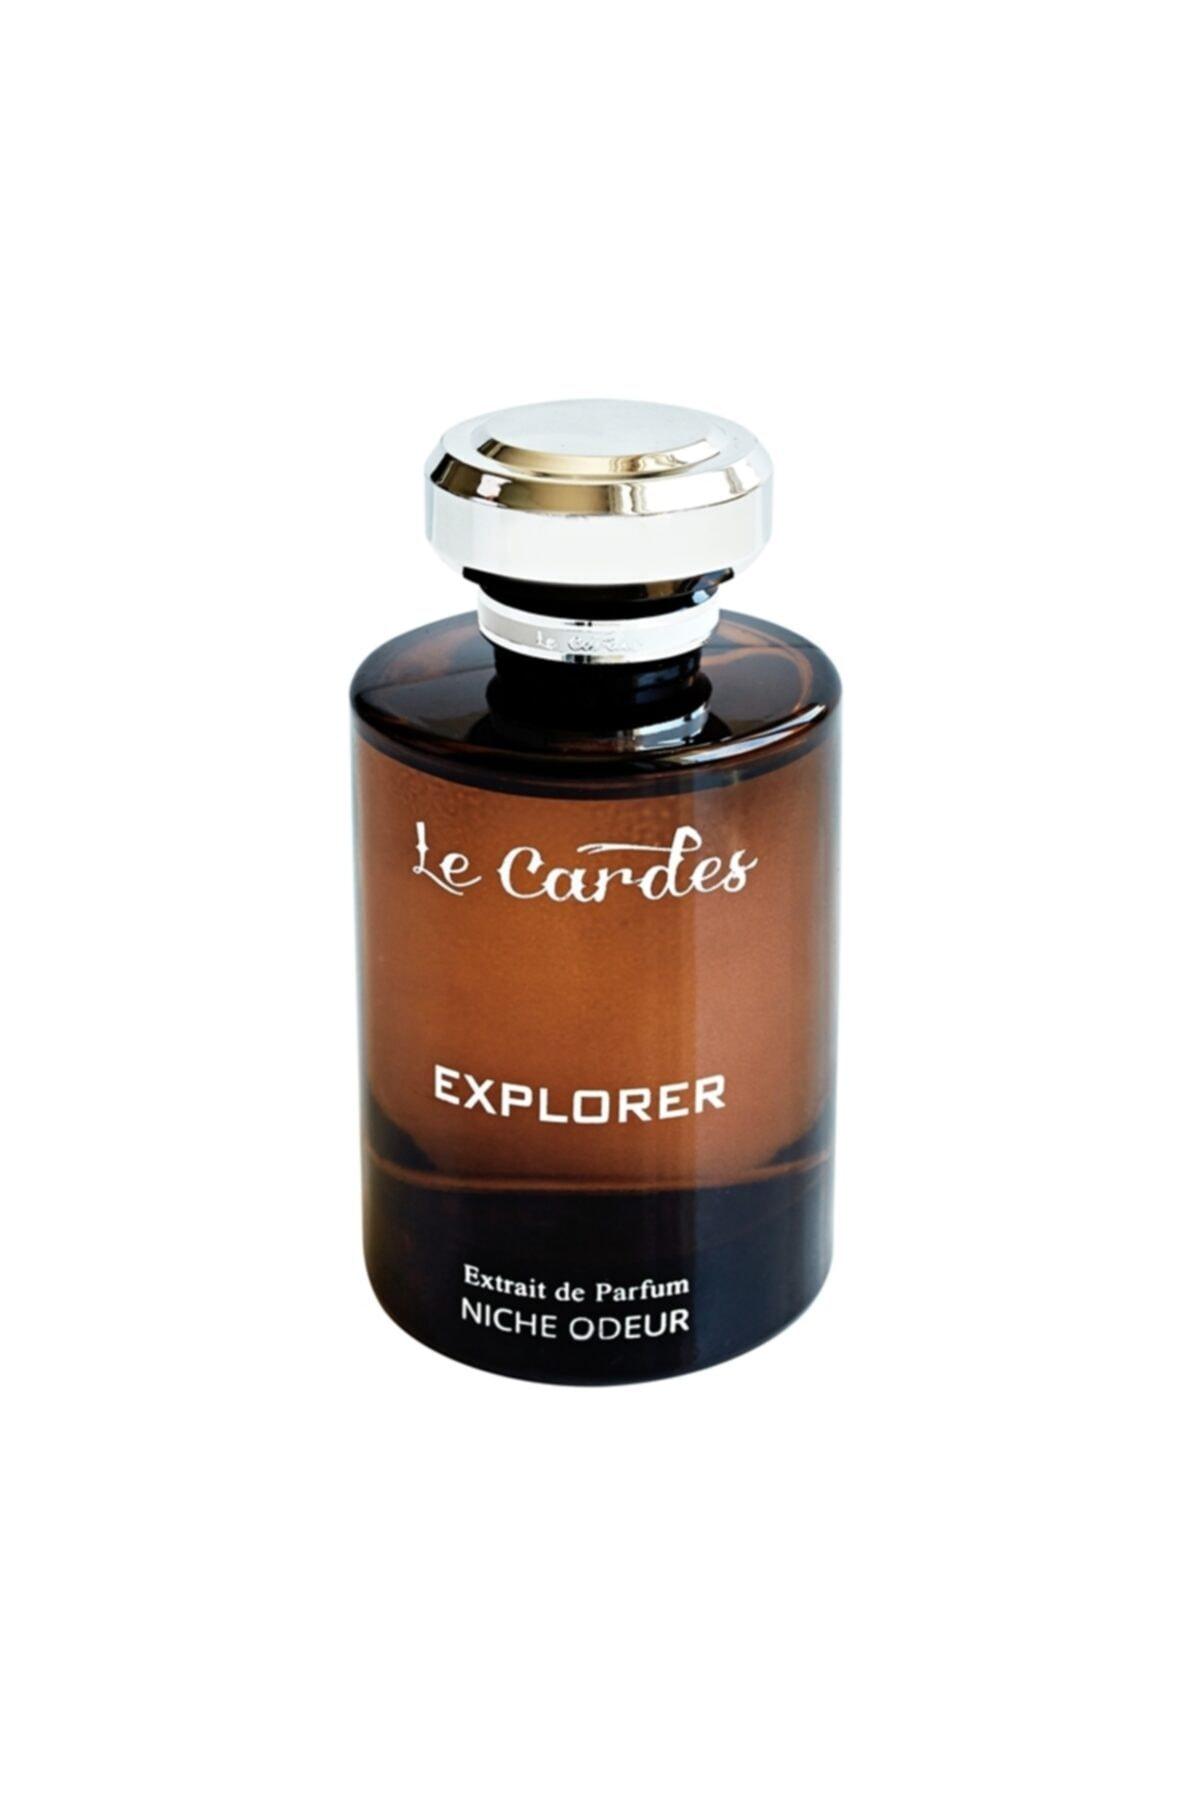 Le Cardes Explorer Afrodizyak Extrait De Parfüm 100 ml Erkek Parfümü 2